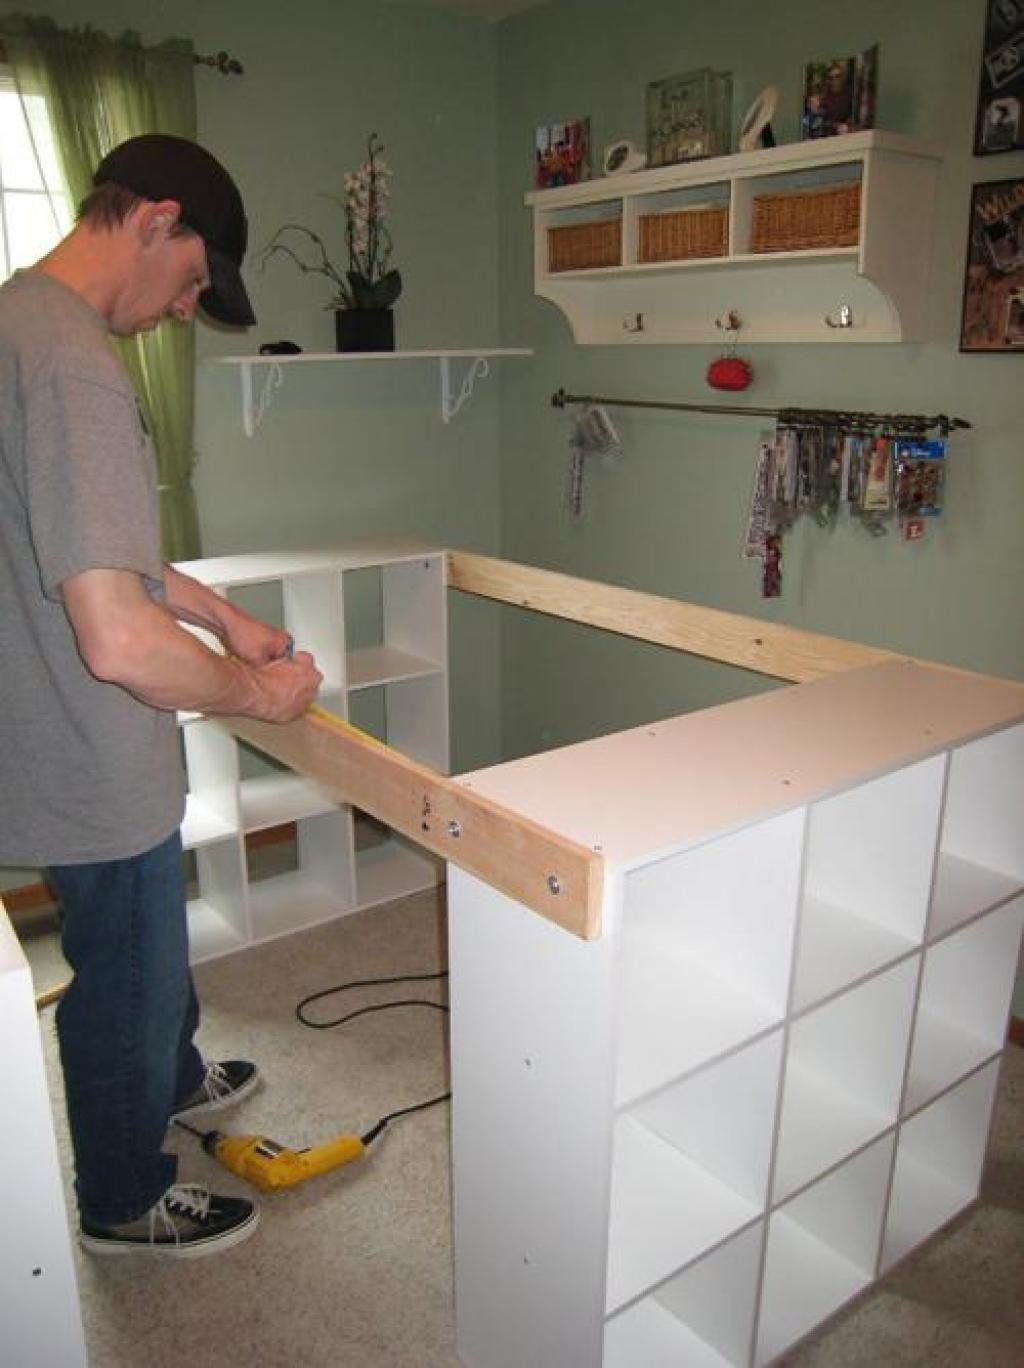 Il Assemble 3 Etageres Ikea Avec De La Planche Pour Son Epouse Le